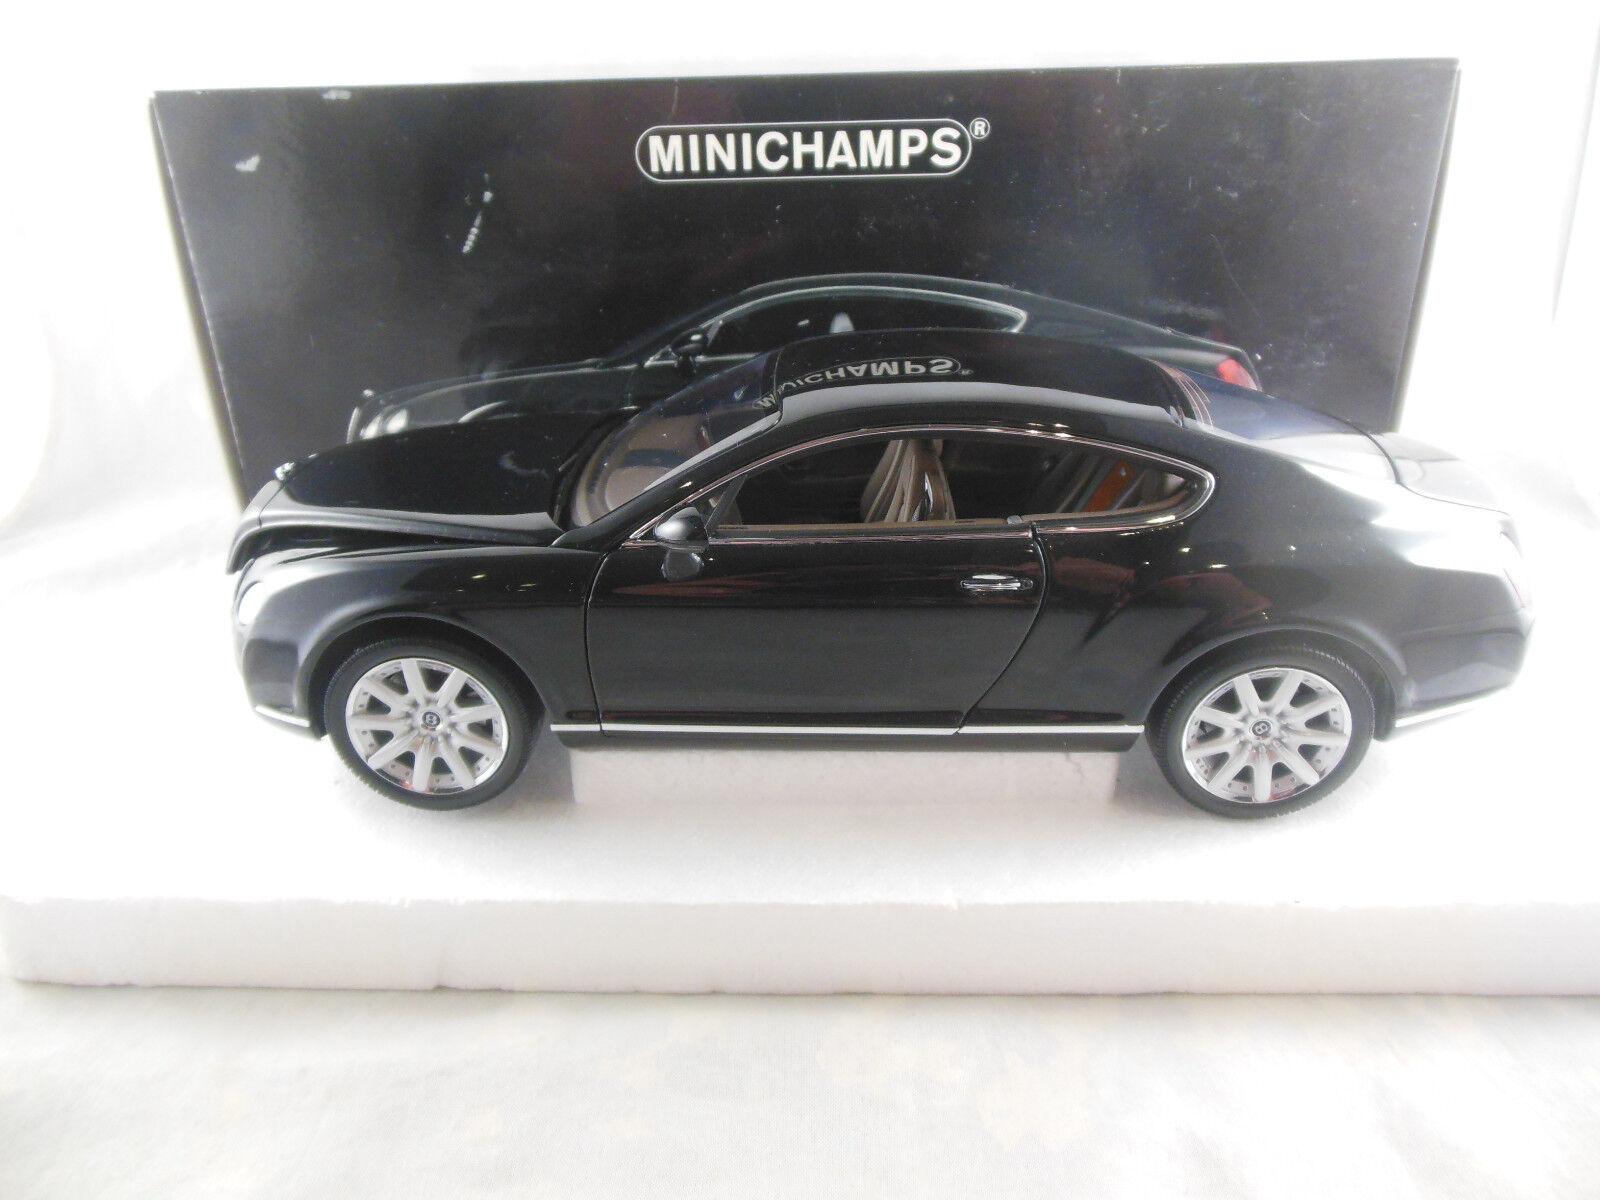 en promociones de estadios Raro Raro Raro Minichamps 100 139020 Bentley continenetal GT en Negro Metálico Escala 1 18  para mayoristas